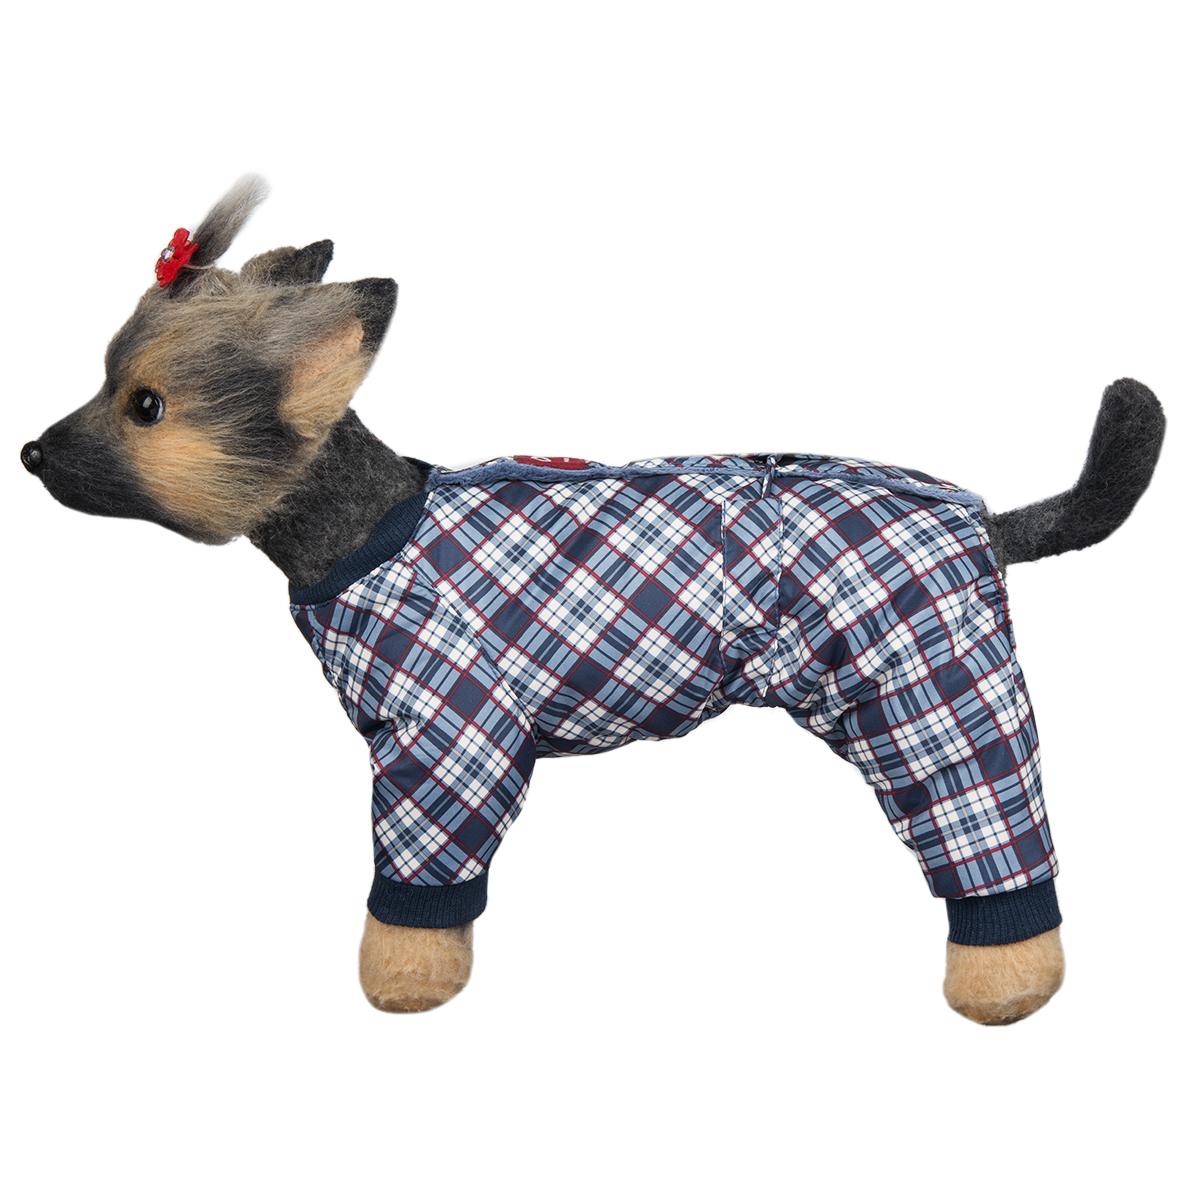 Комбинезон для собак Dogmoda Нью-Йорк, зимний, для мальчика, цвет: белый, темно-синий. Размер 2 (M) комбинезон для собак dogmoda doggs зимний для девочки цвет фиолетовый размер xxl